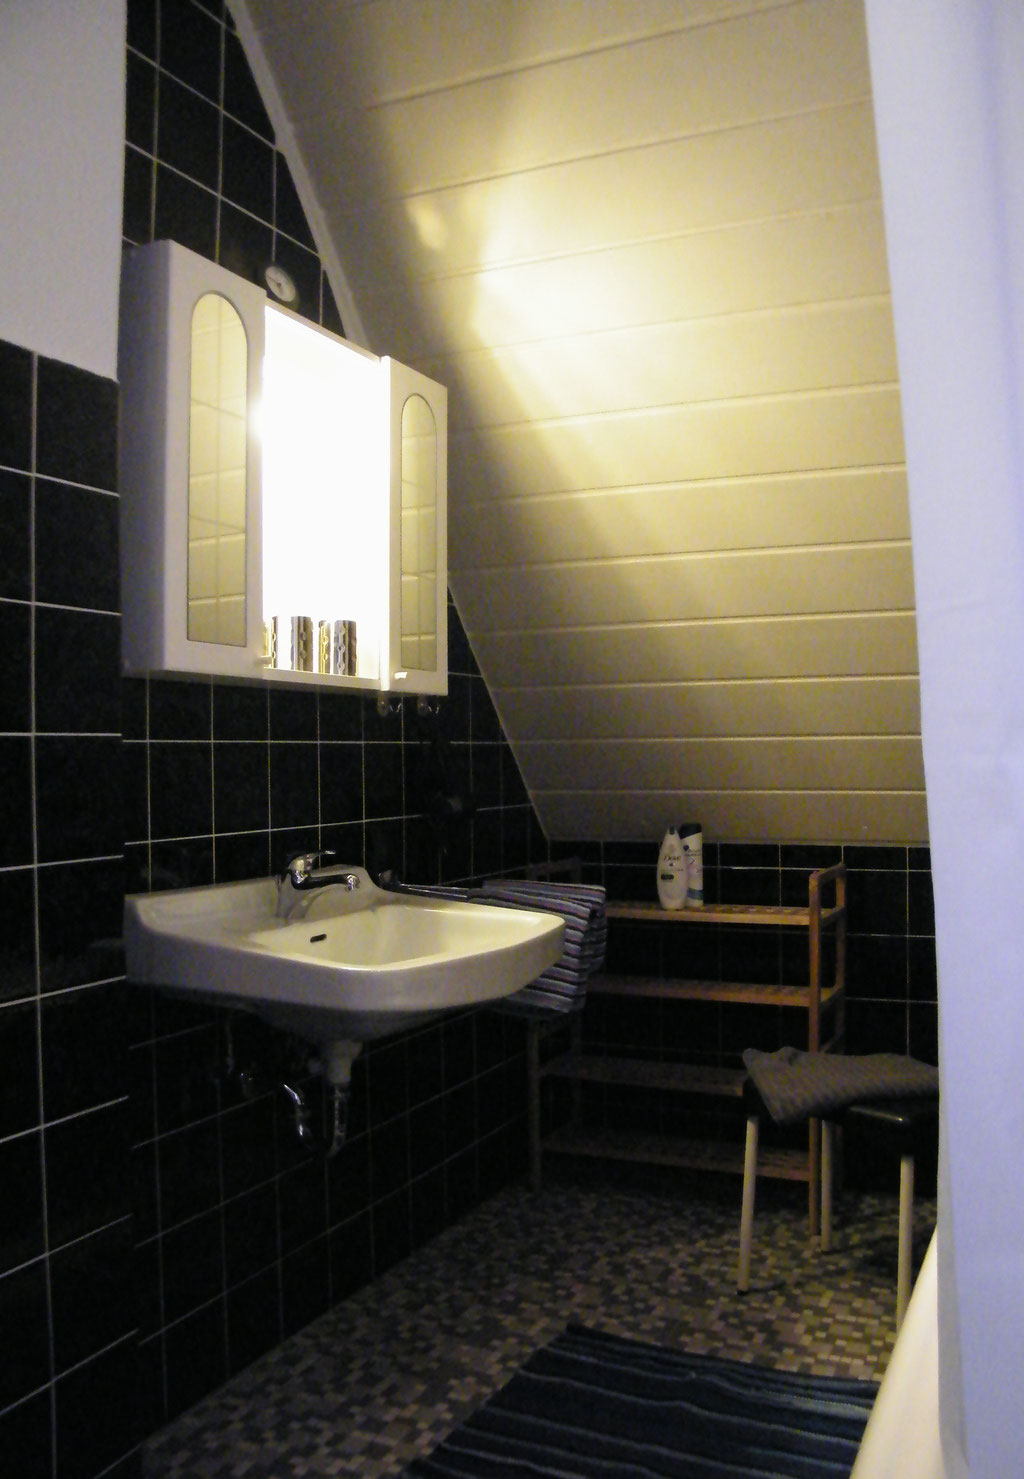 Waschplatz im Bad